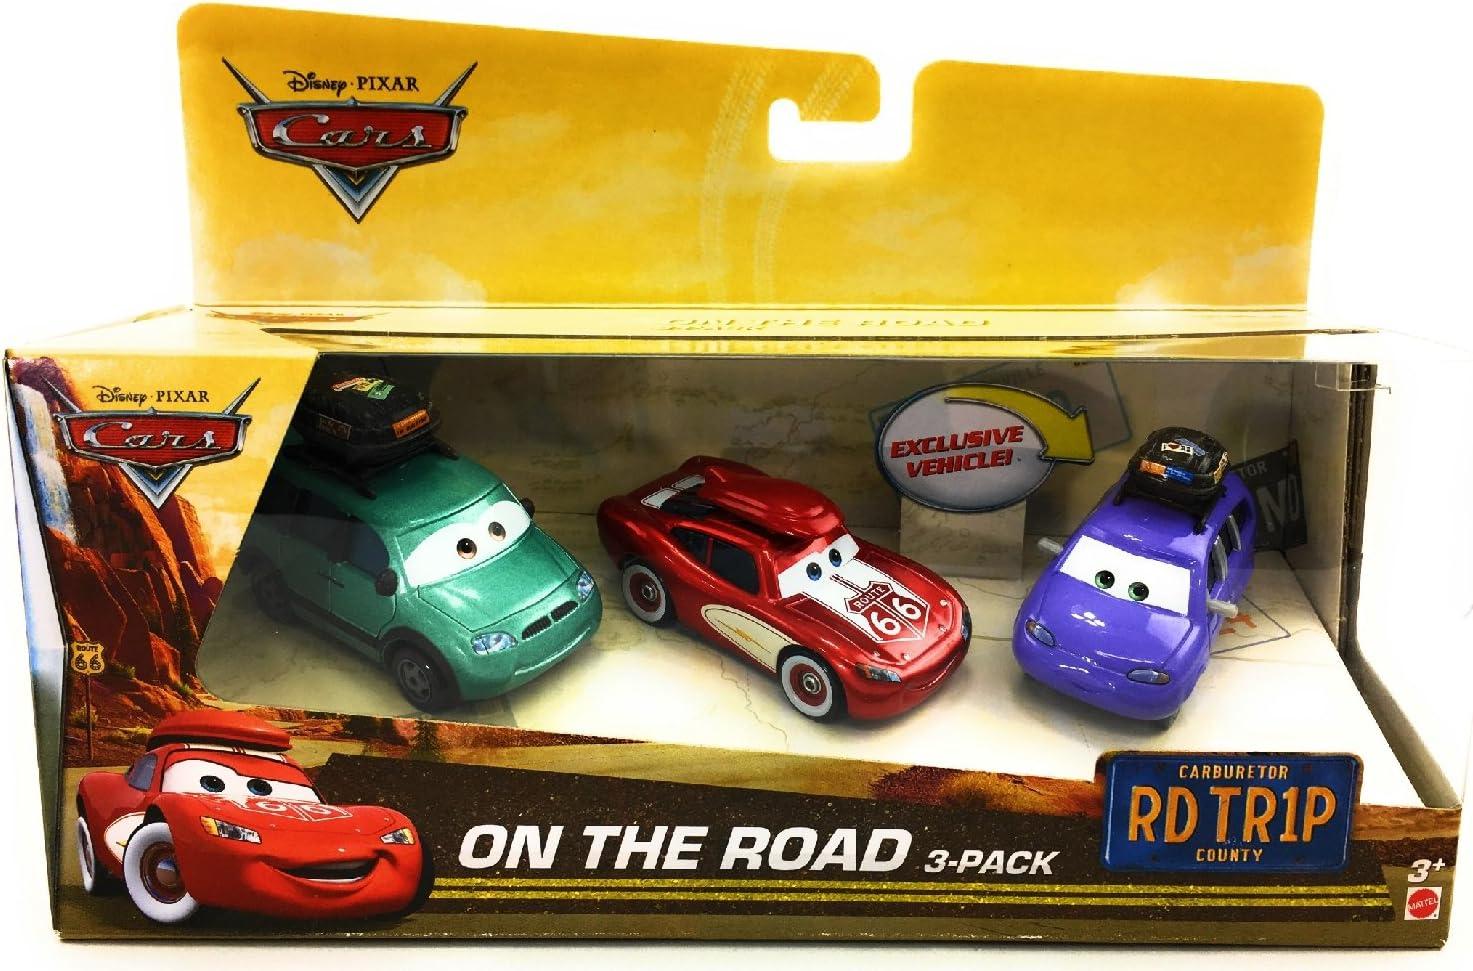 Disney Pixar Coches en la Carretera 3-Pack Que Incluye Cruisin Rayo Mcqueen, Van, Mini con portaequipajes Rojo, Azul, Verde, púrpura, Trullo, Blanco, Negro, Marrón: Amazon.es: Juguetes y juegos